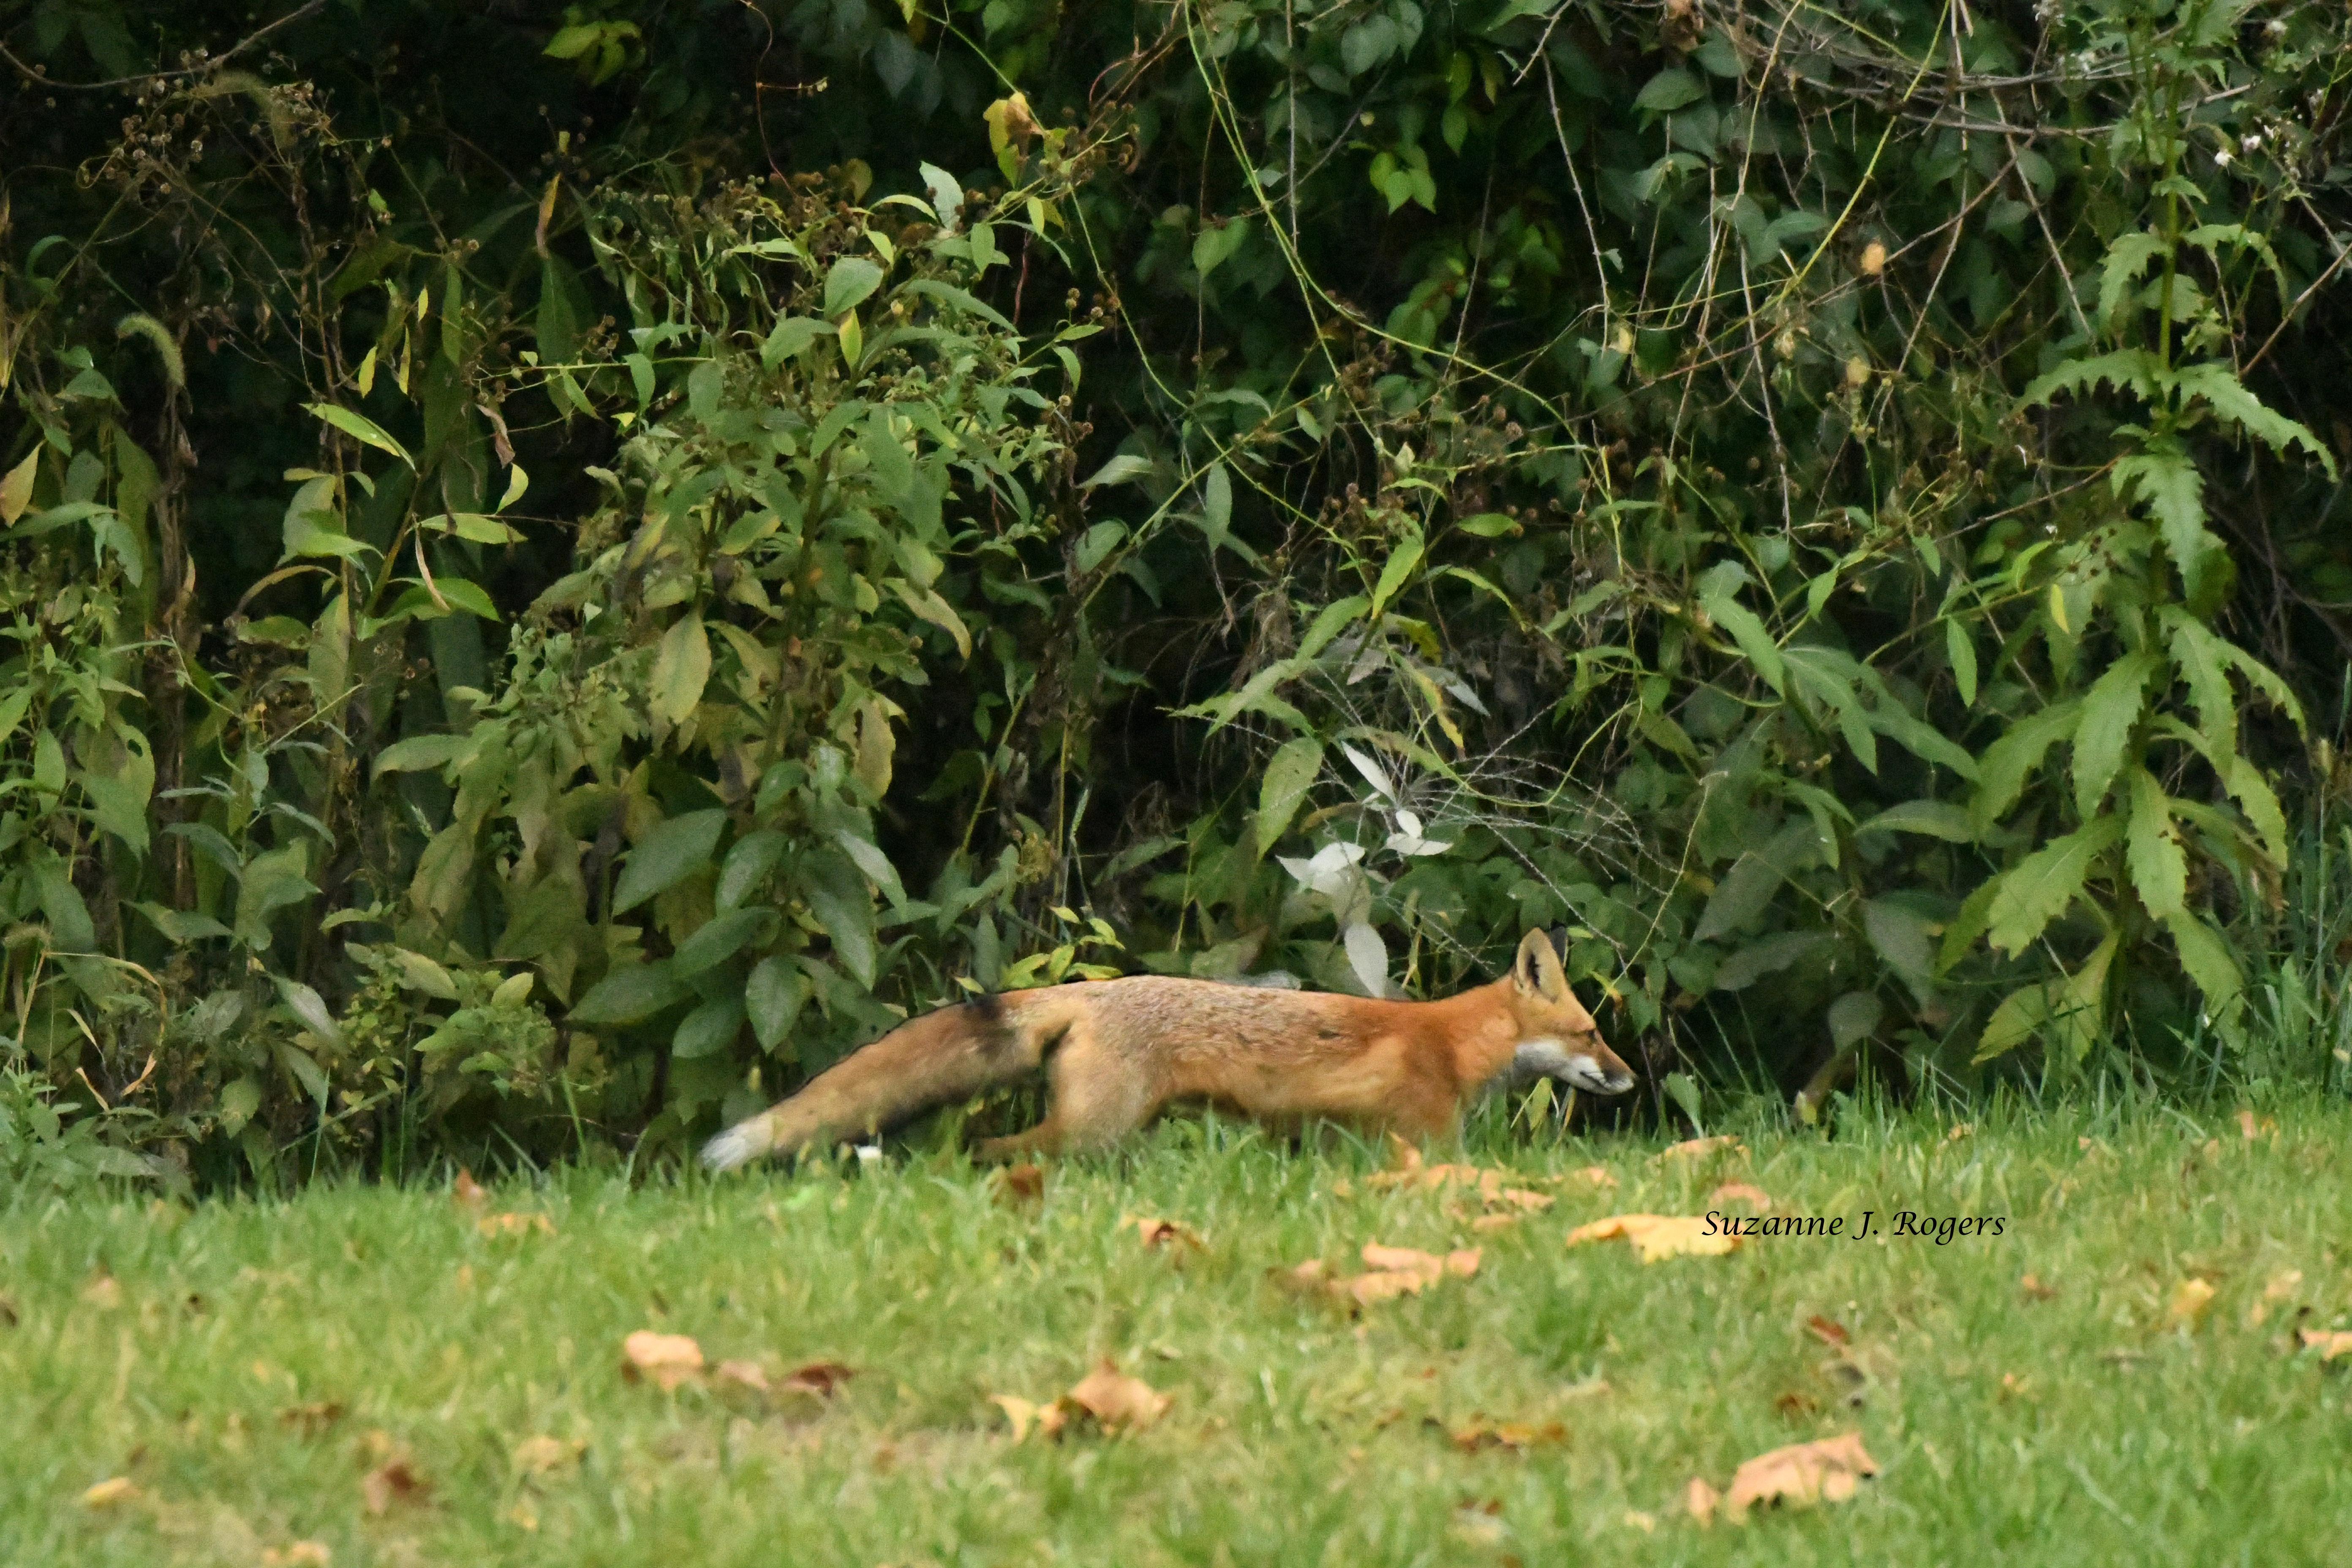 It's a fox doing fox stuff wm